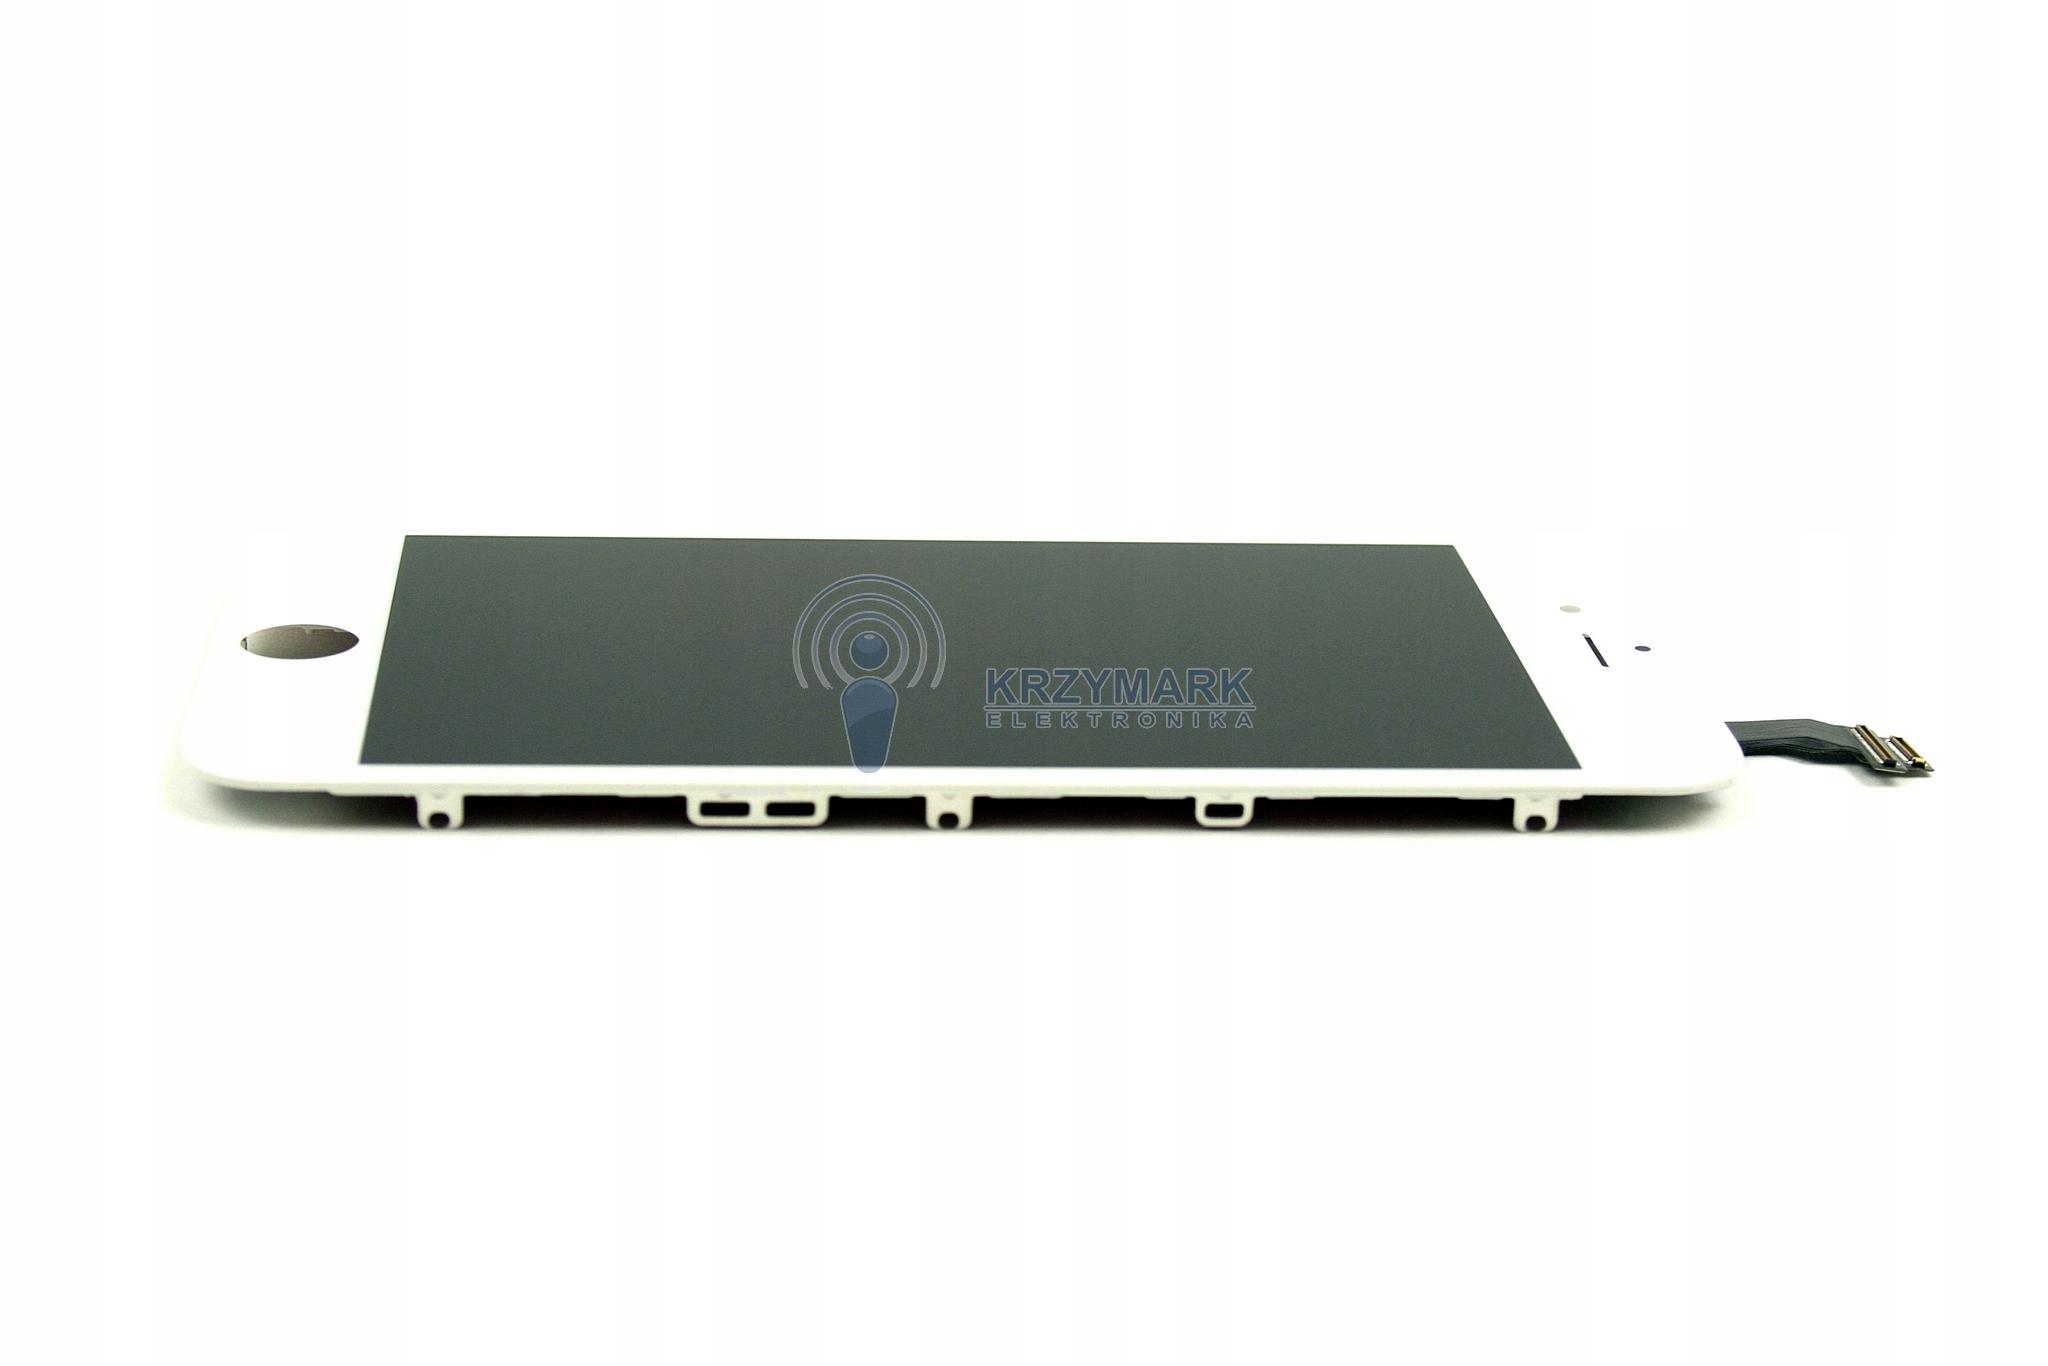 LCD WYŚWIETLACZ EKRAN DOTYK RAMKA IPHONE OSPRZĘT 6